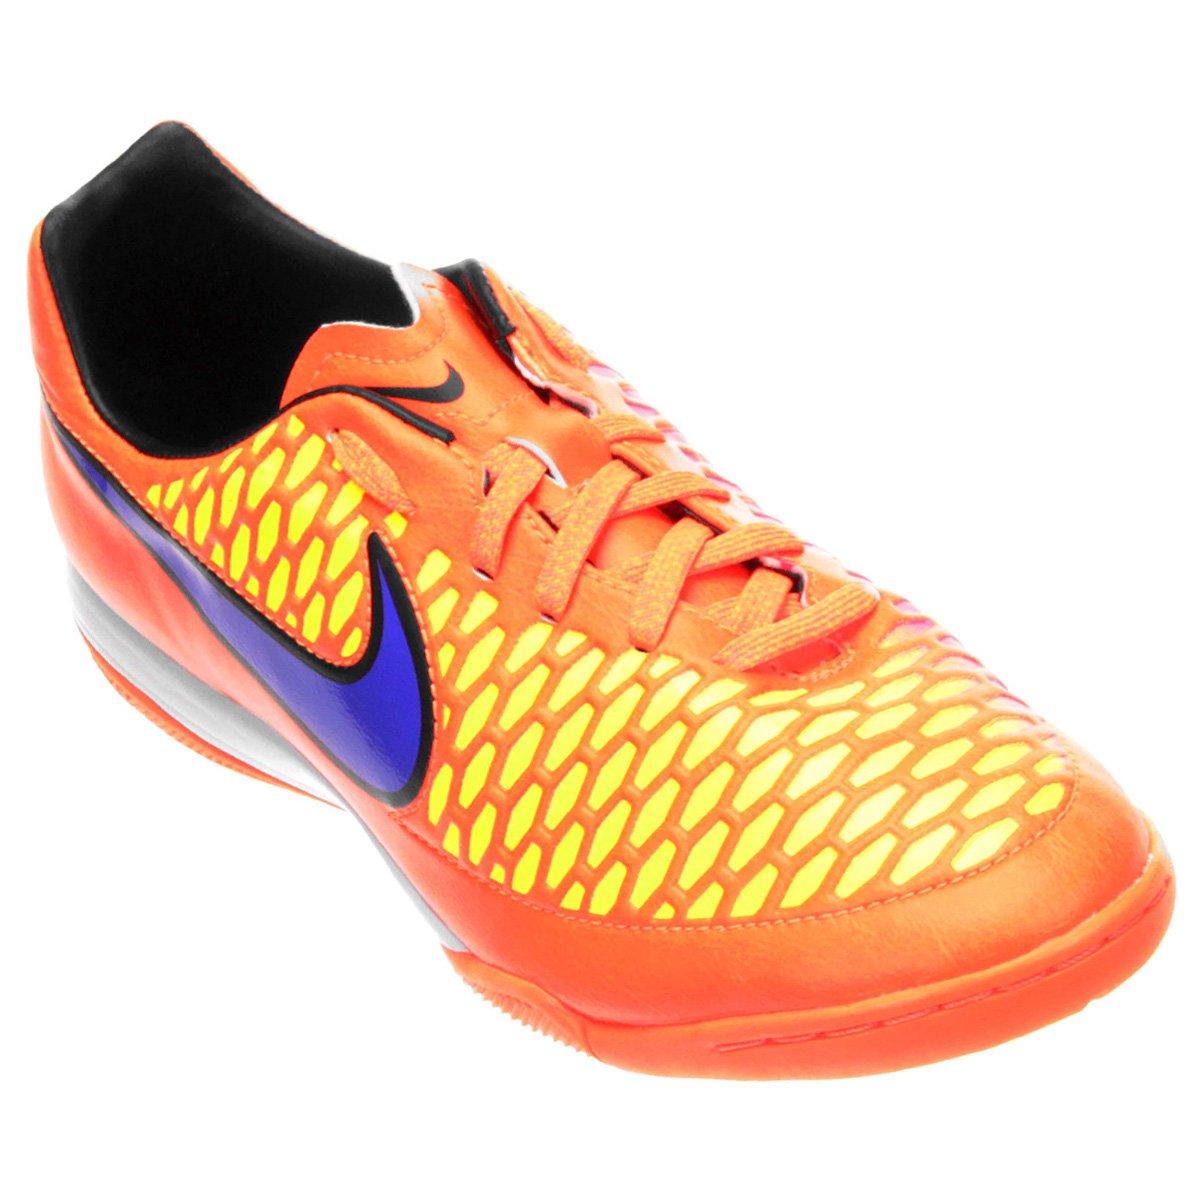 4fa1f453c2df4 Chuteira Nike Magista Onda IC Futsal - Compre Agora